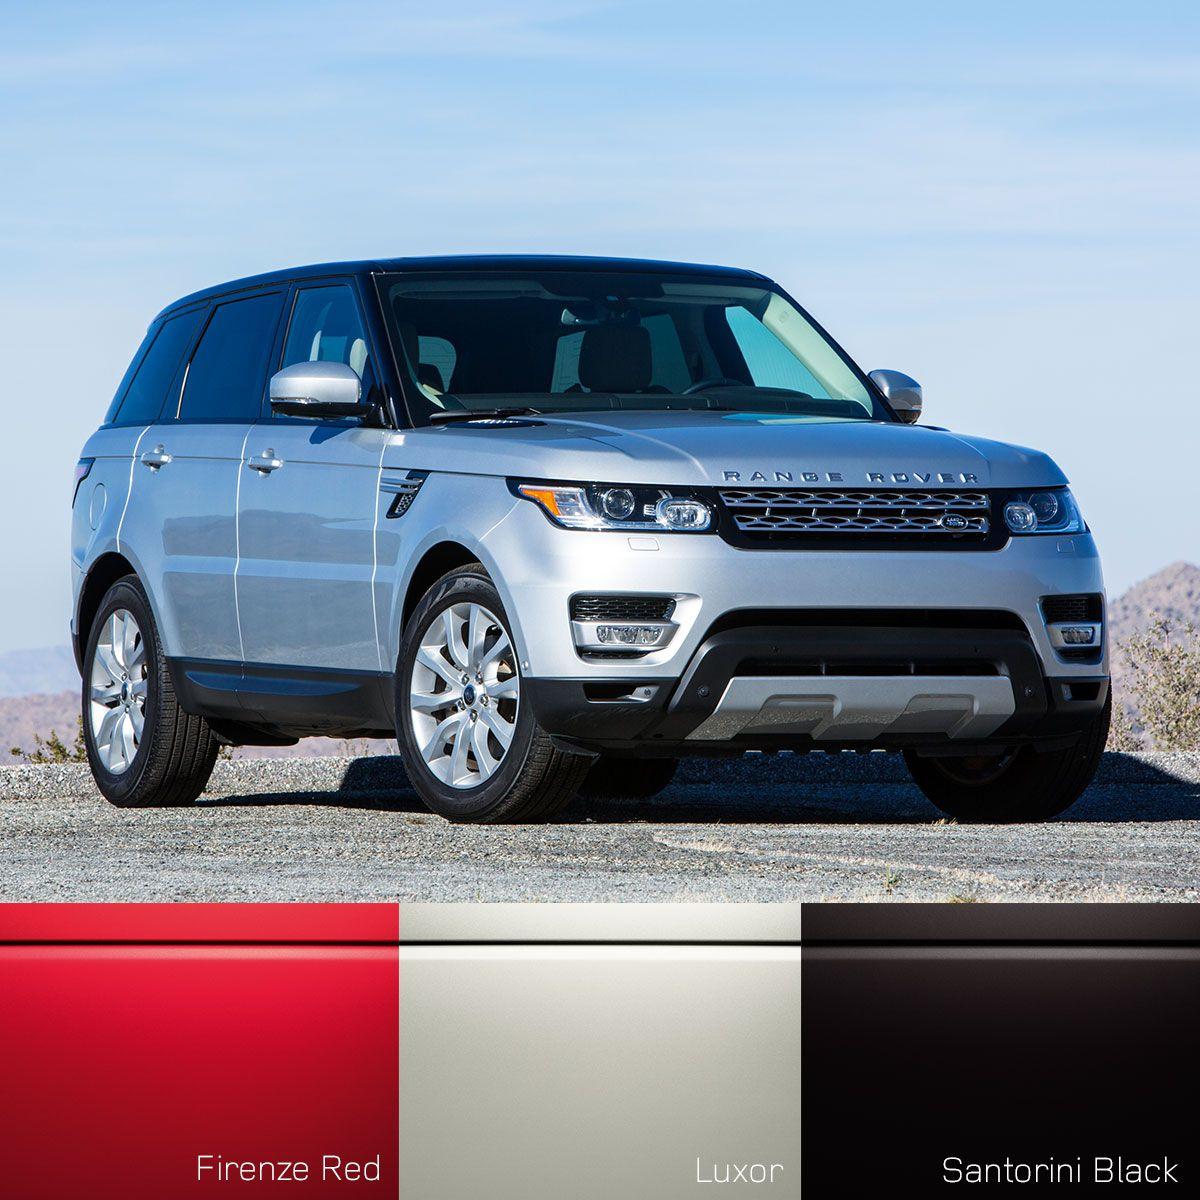 58 Range Rover Sport Ideas Range Rover Sport Range Rover Land Rover